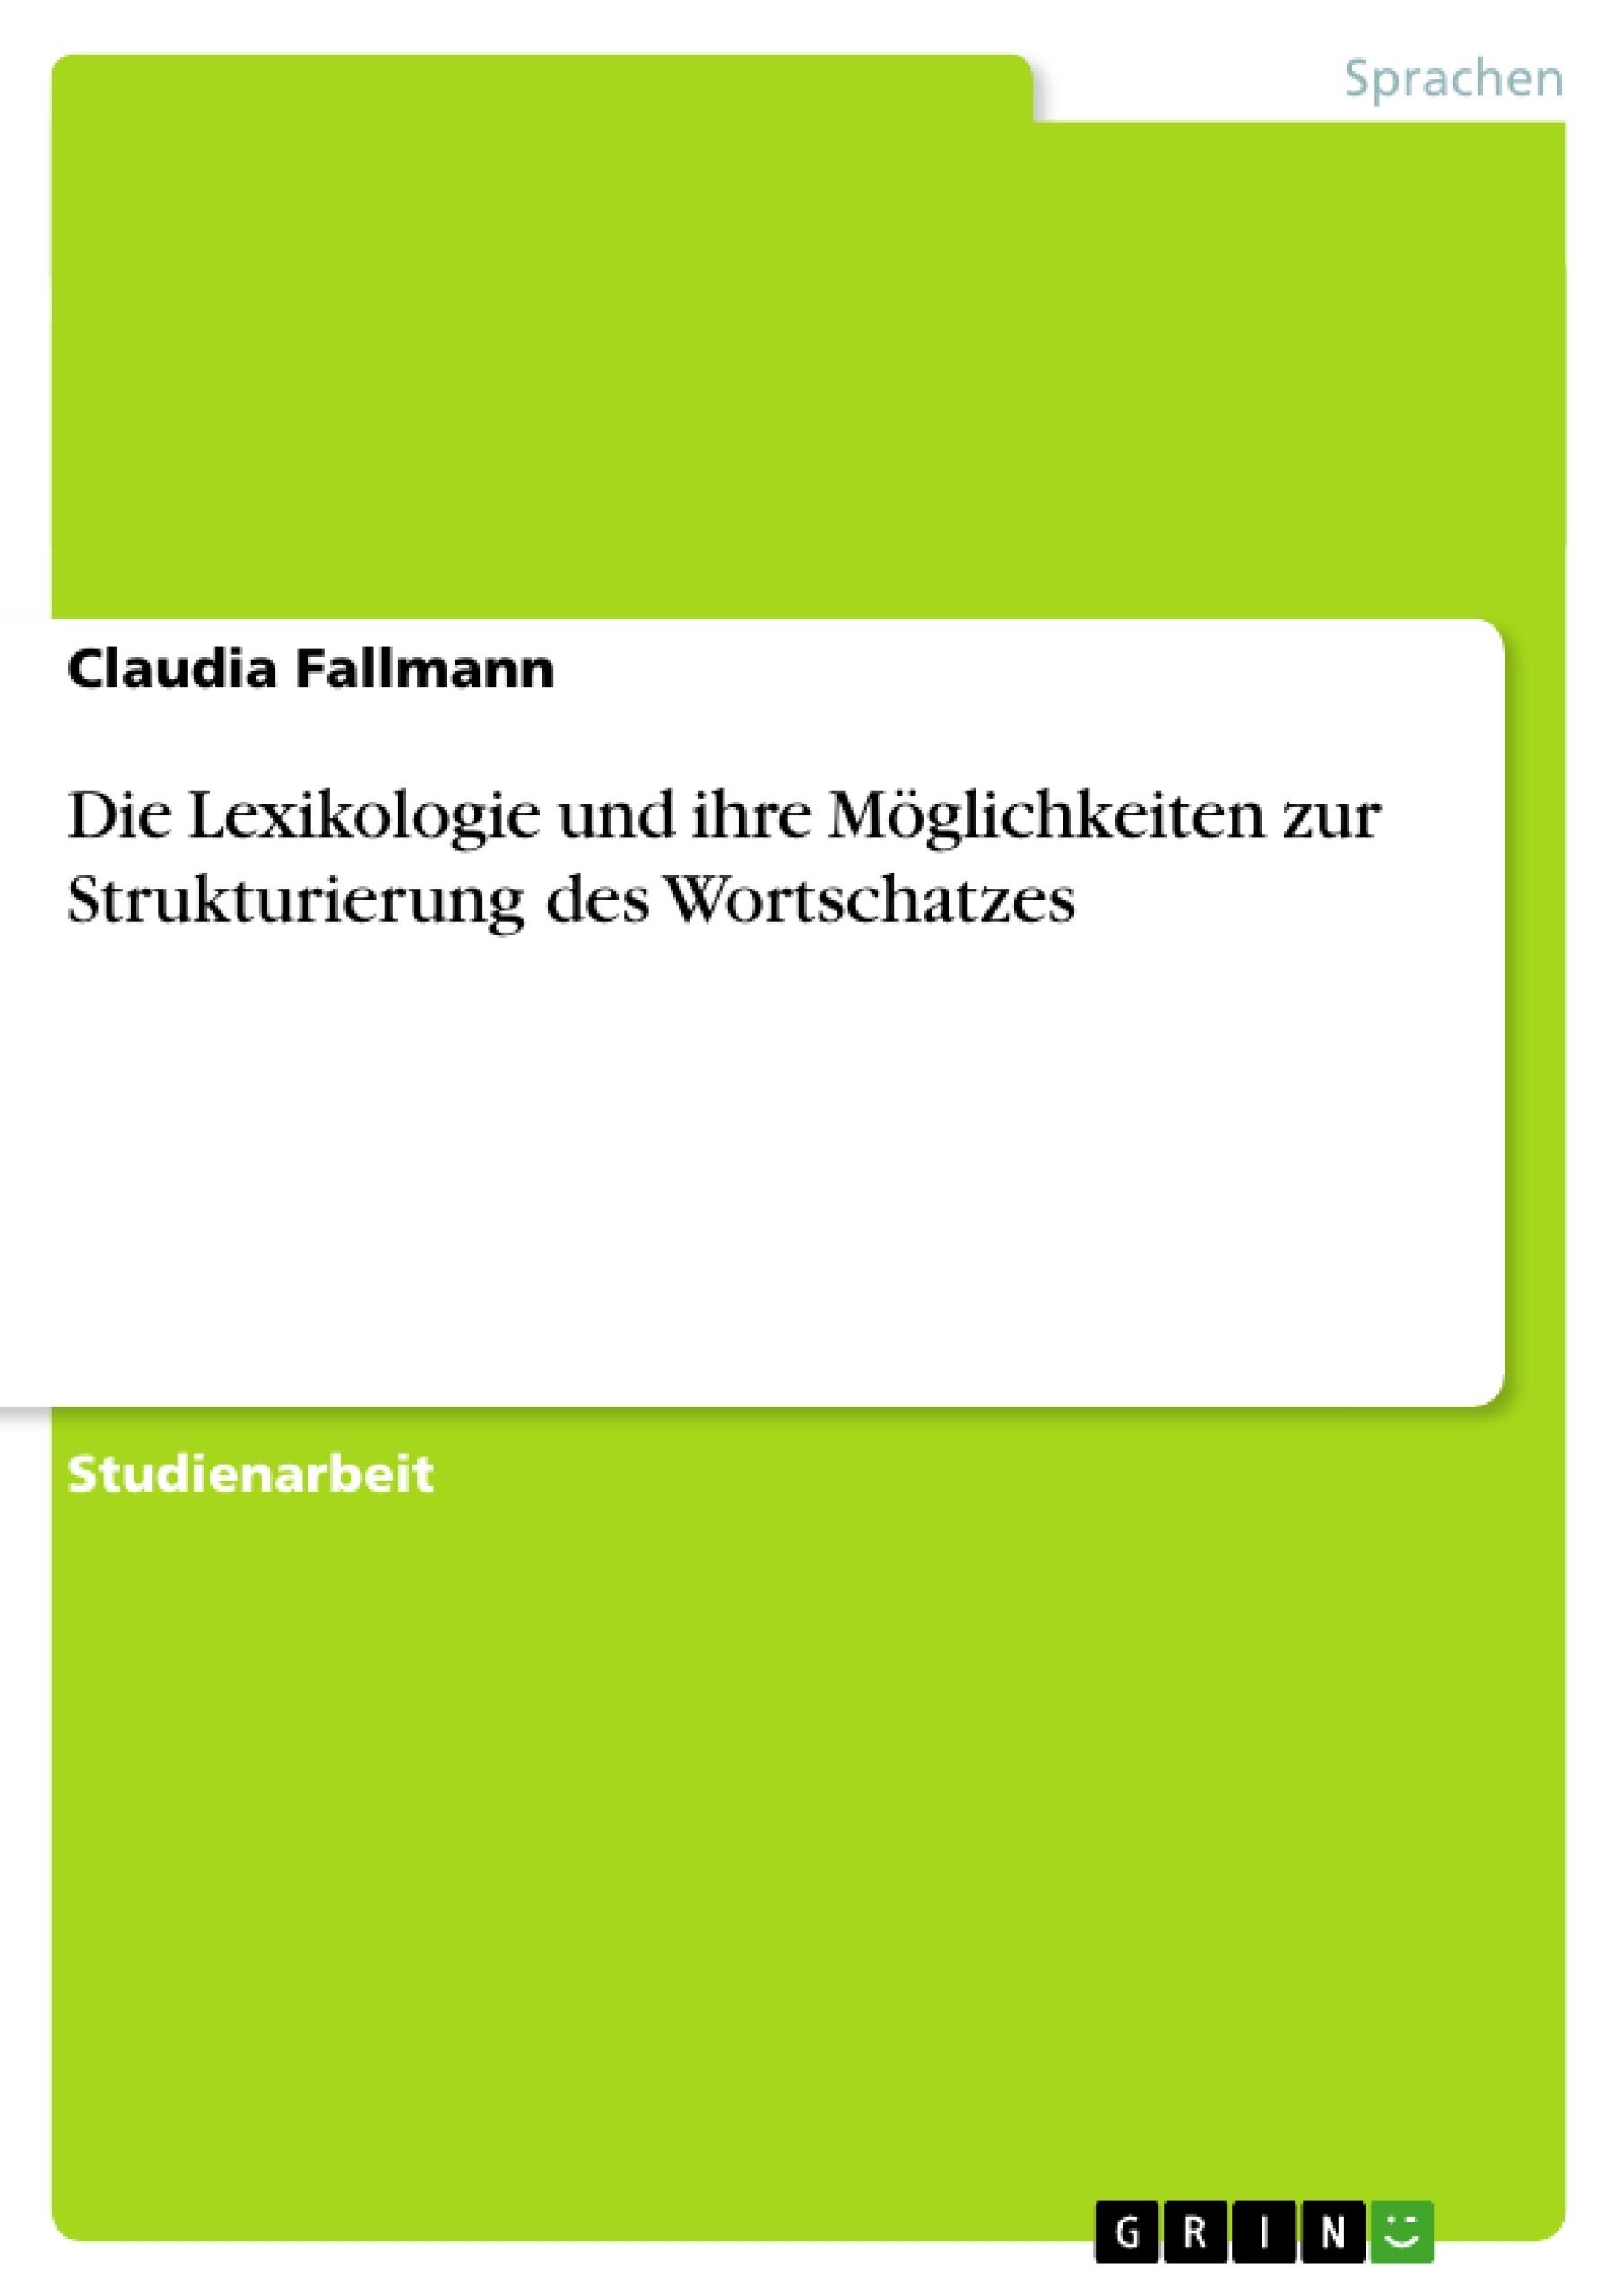 Titel: Die Lexikologie und ihre Möglichkeiten zur Strukturierung des Wortschatzes